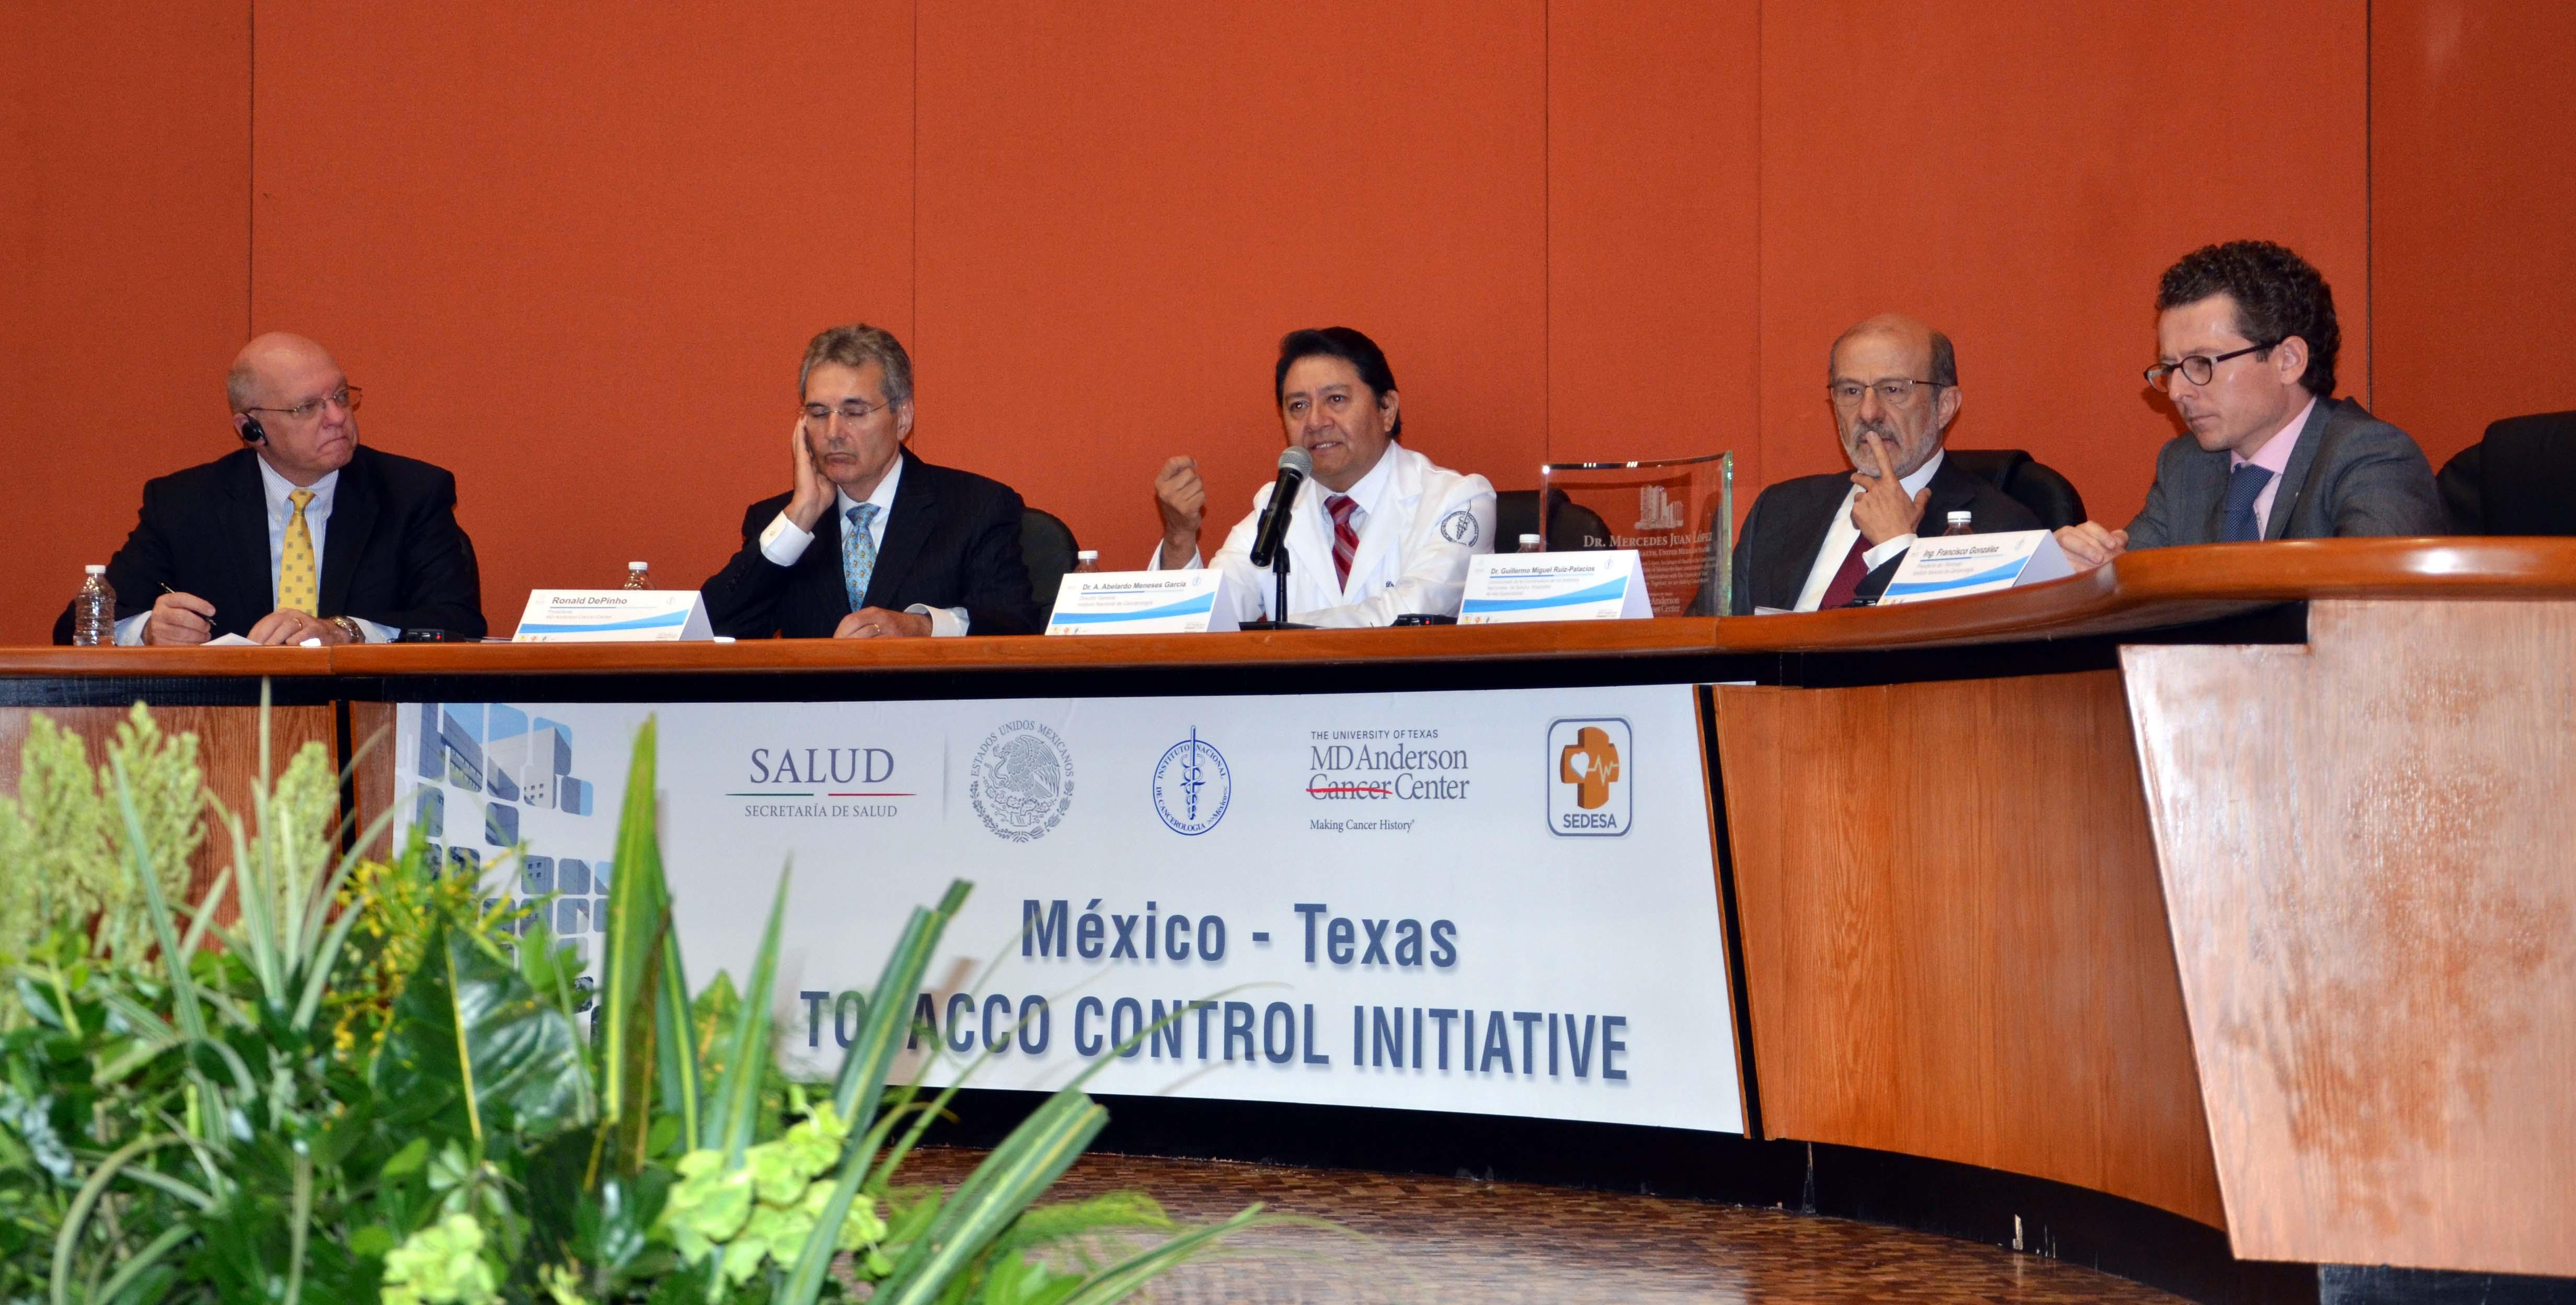 090614Ceremonia de Presentaci n  de la Iniciativa M xico Texas para el Control del Tabaco 07jpg